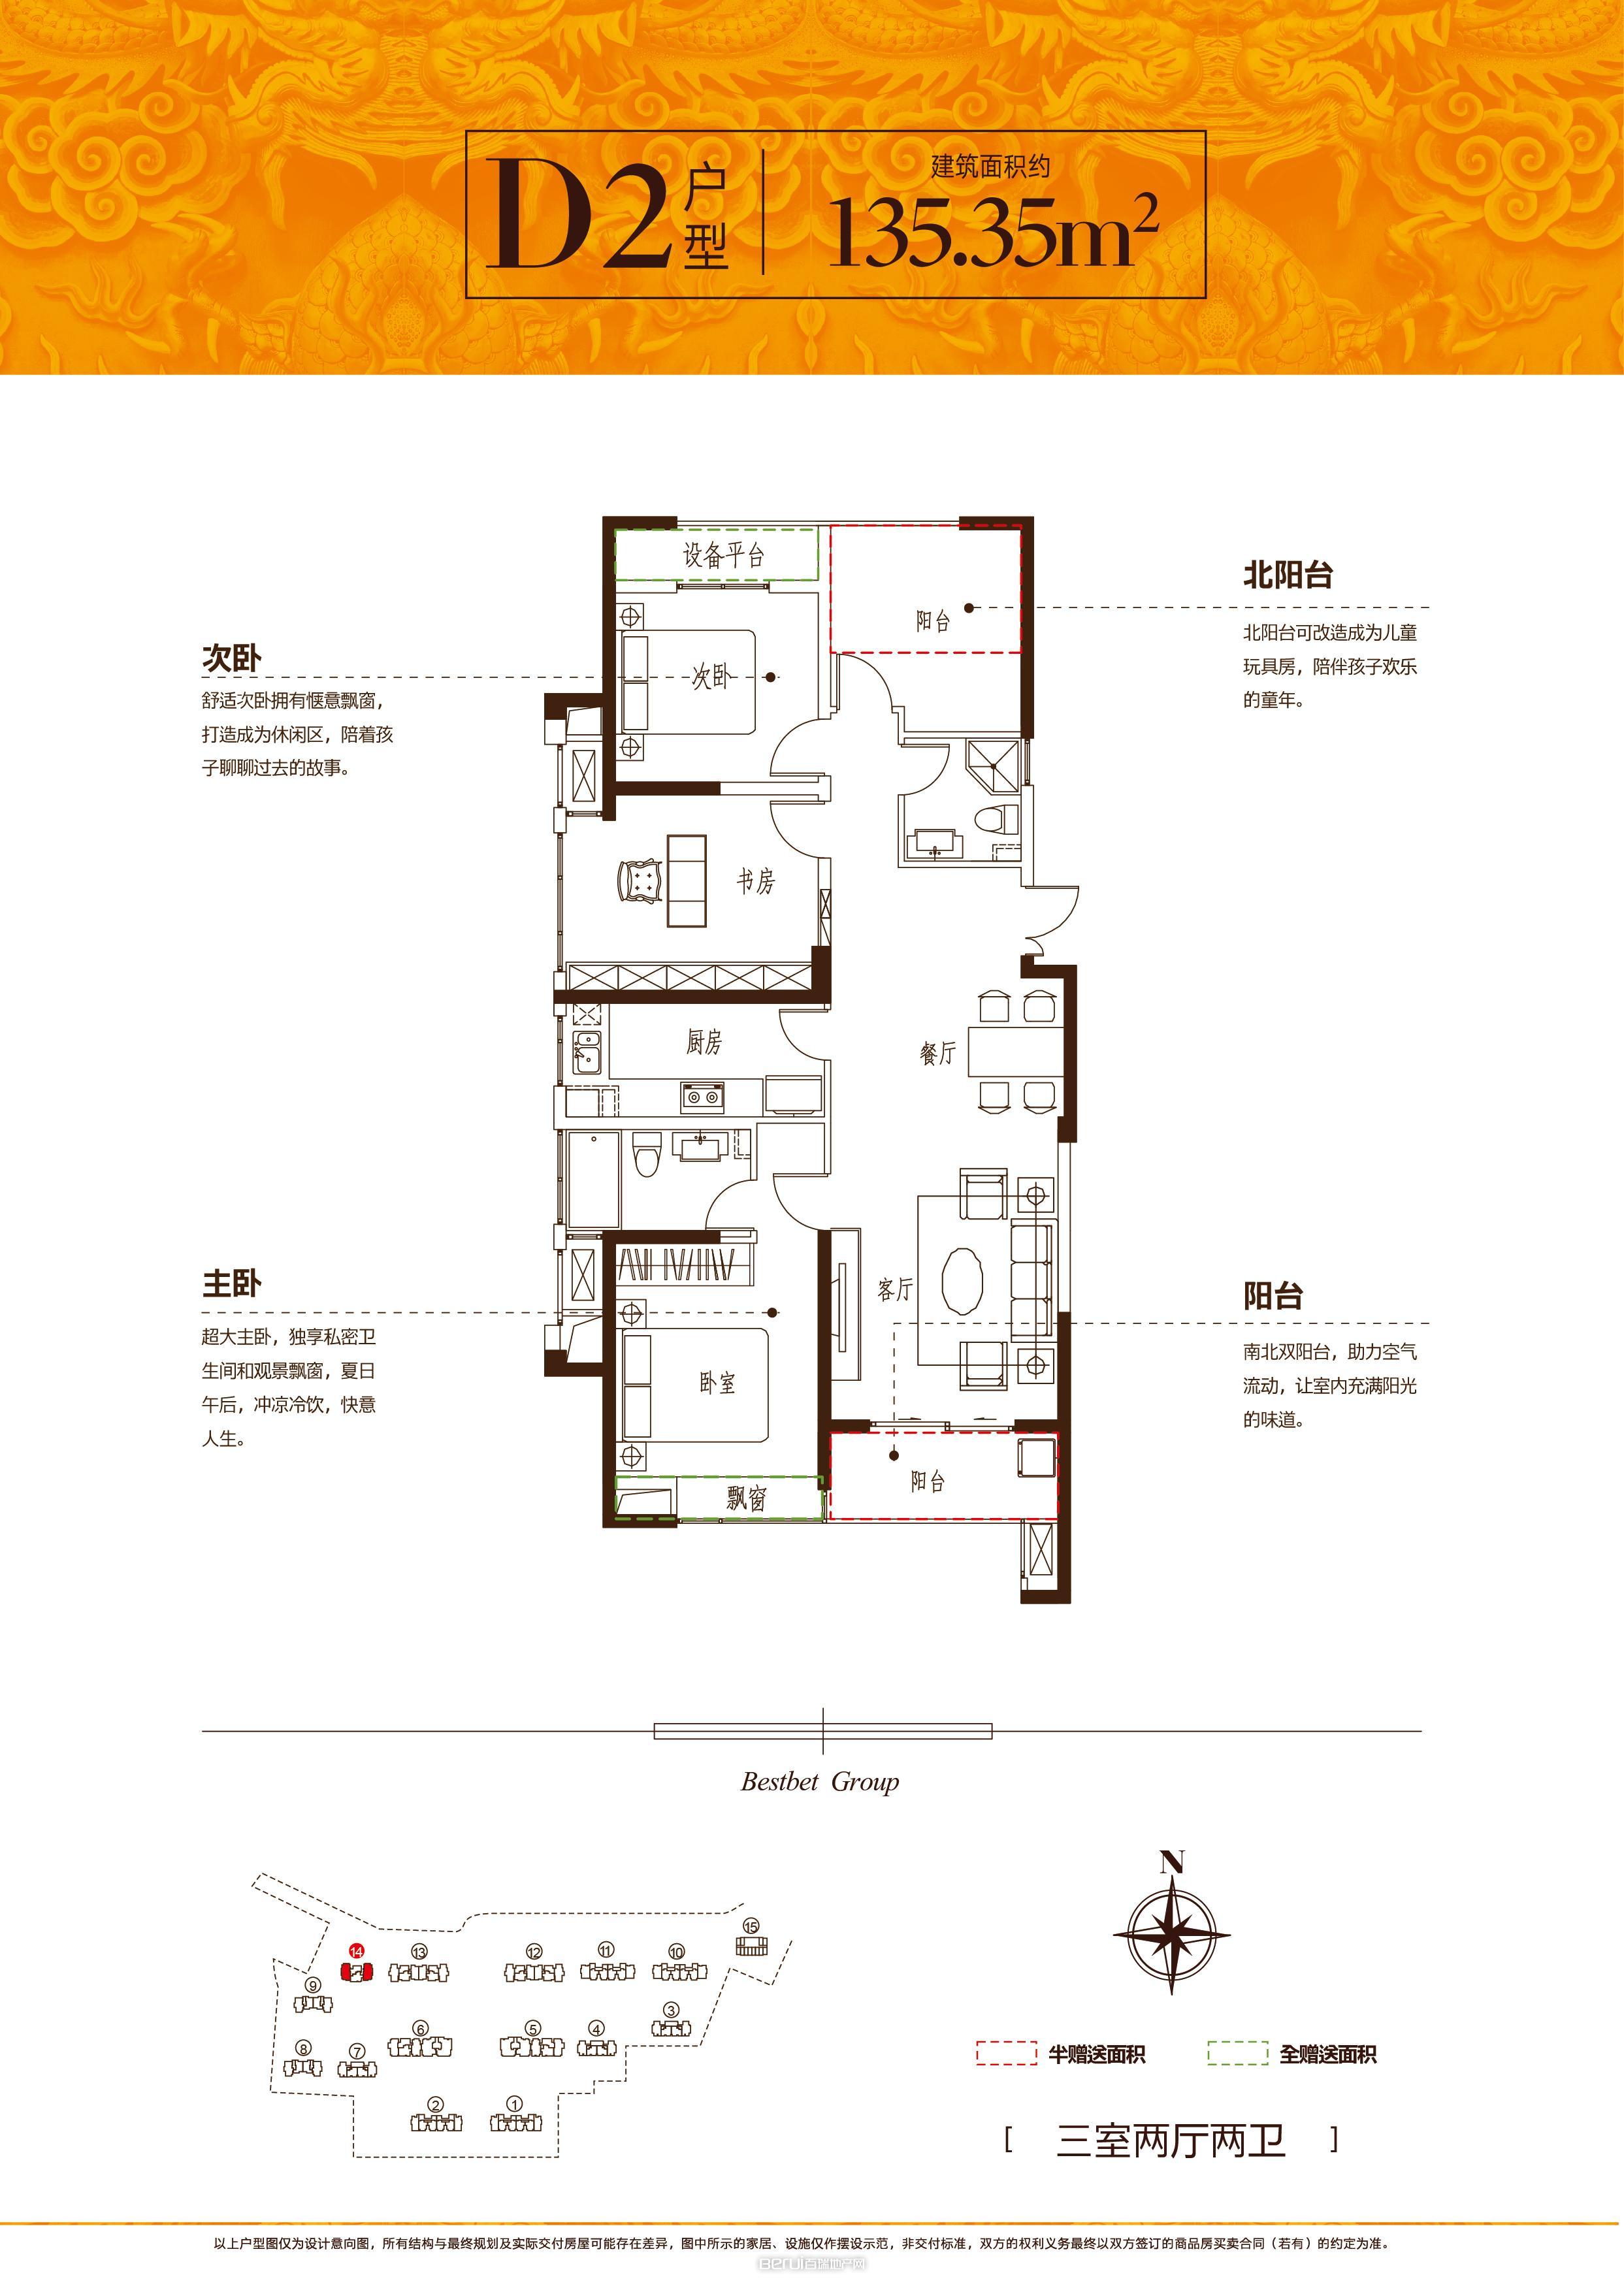 信地城市广场D2三室两厅两卫 135.35平 户型